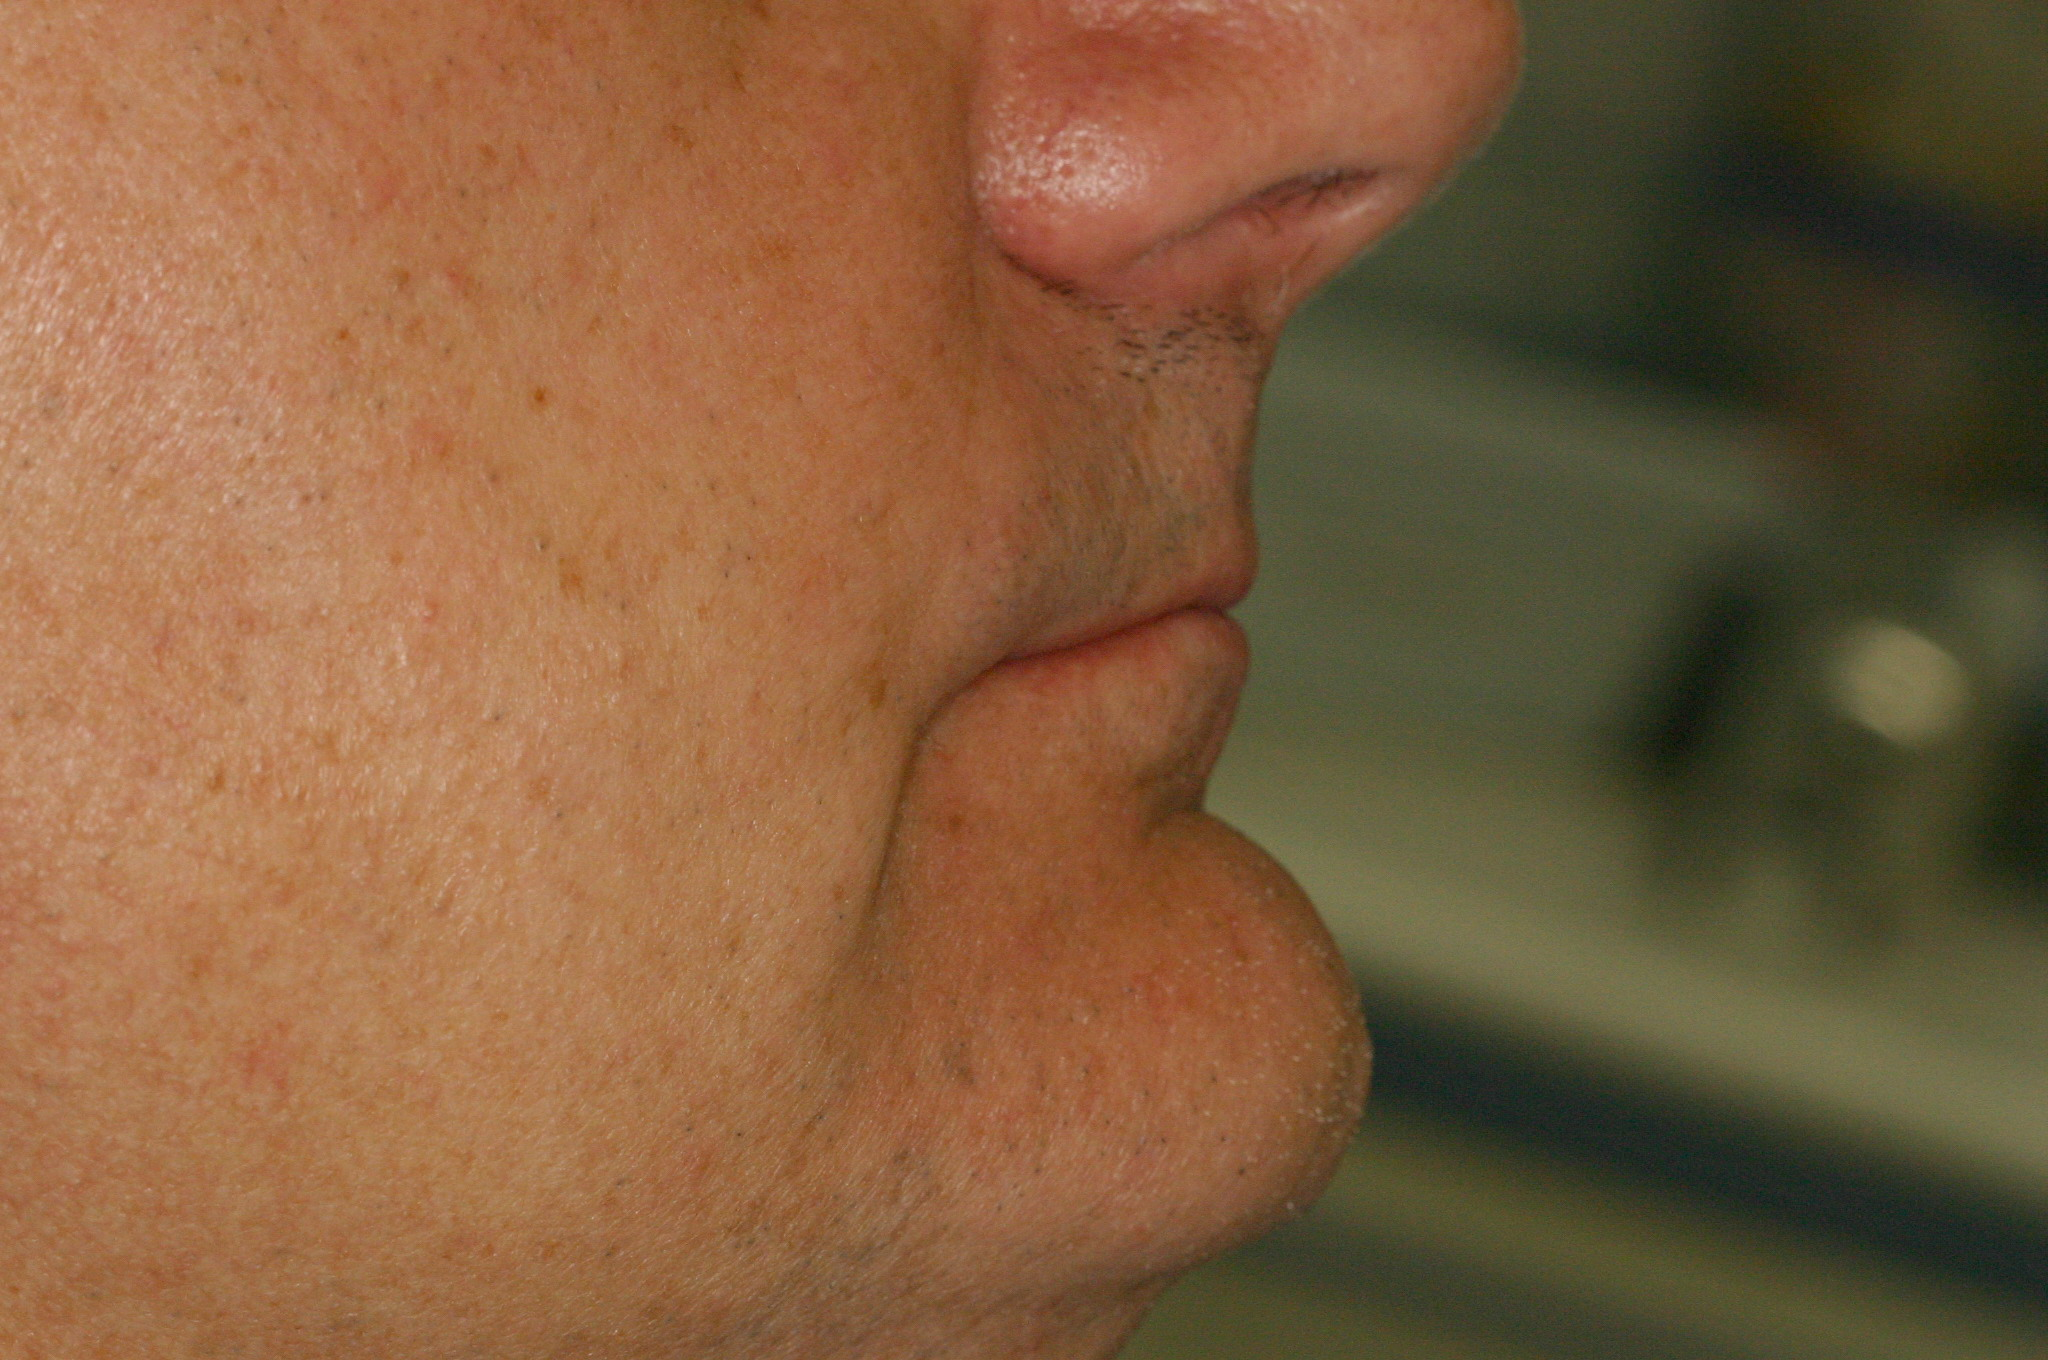 Рис. 5б. Пациент 65 лет с ОМД, снижением нижней трети лица: профиль.